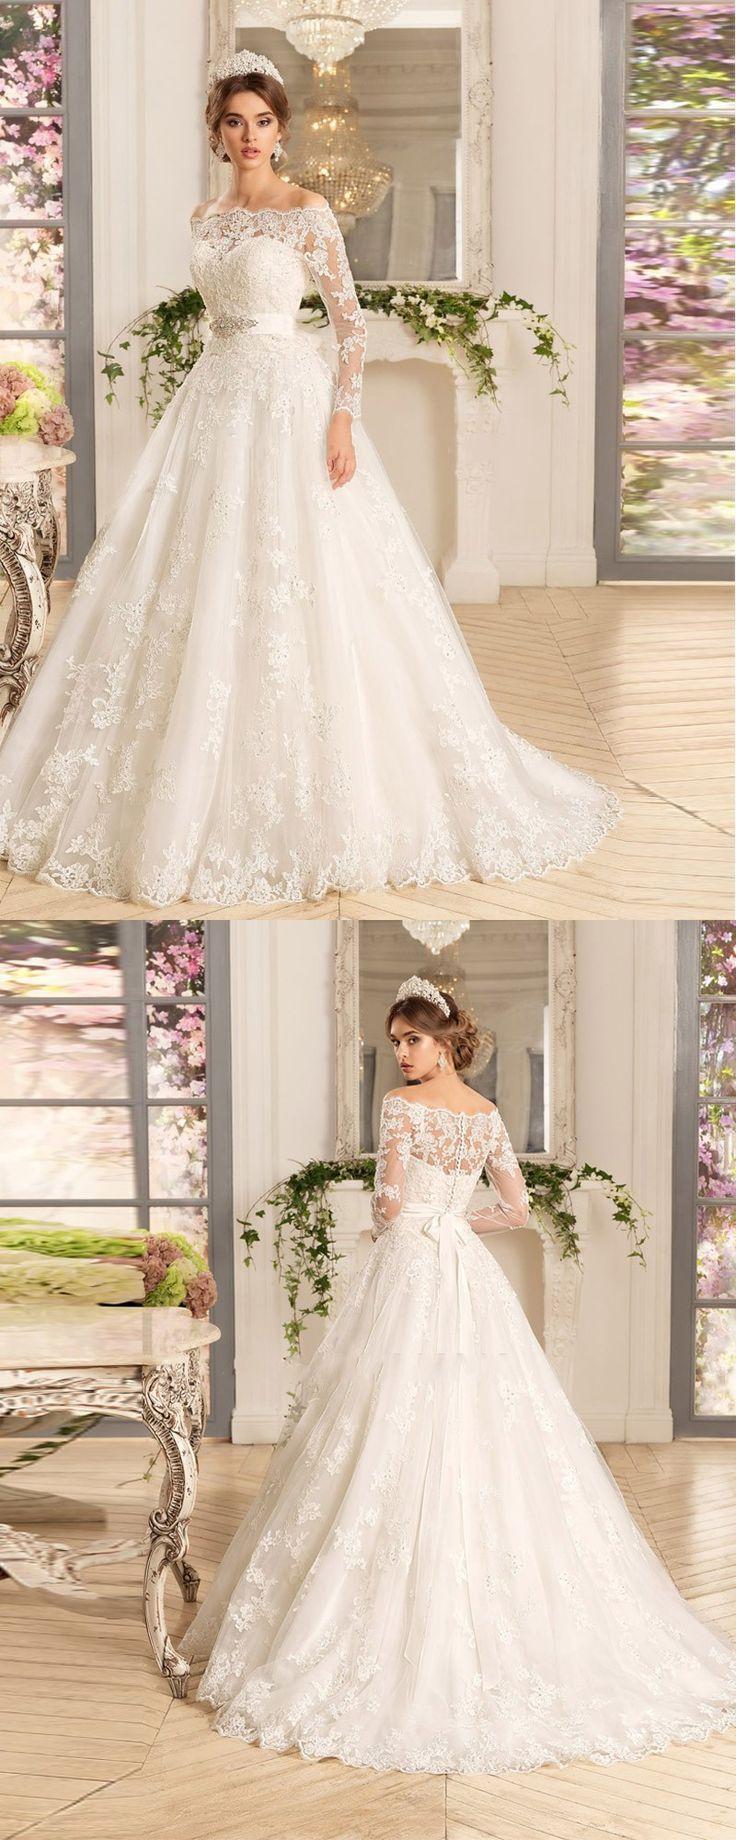 Vestido de noiva manga longa three quarter sleeves a line wedding